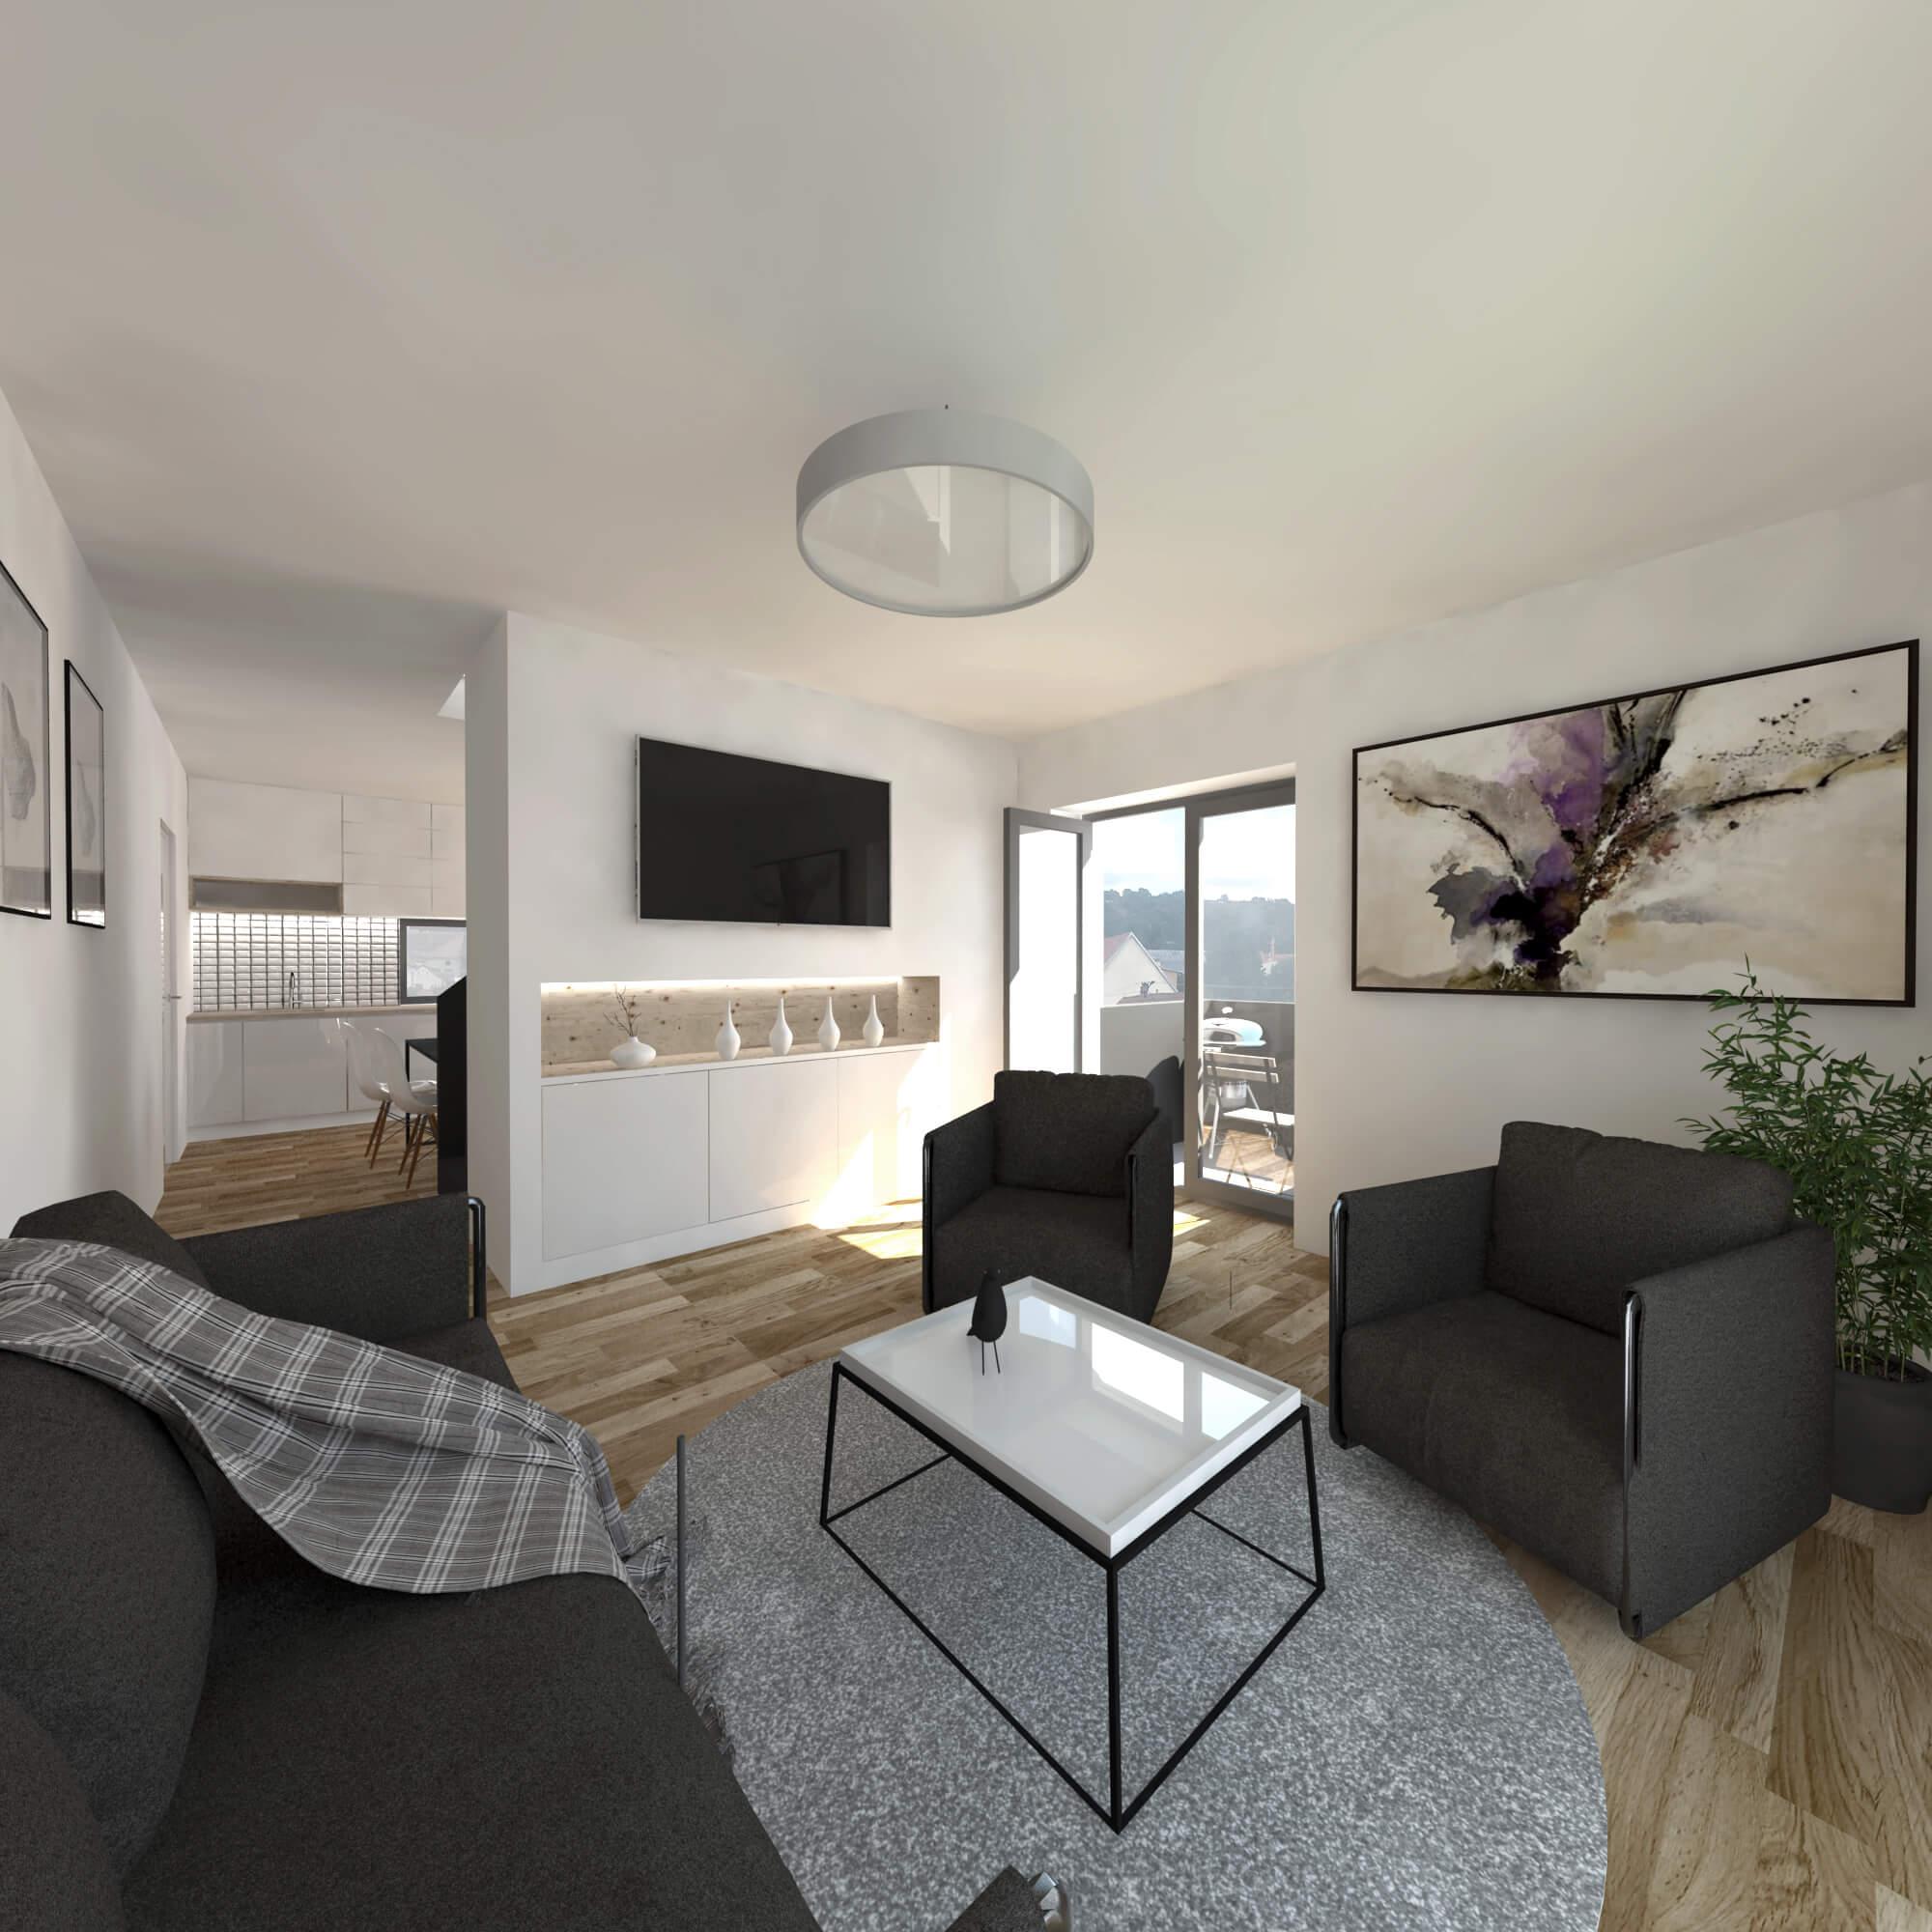 Novostavba mezonetového bytu č. 12 o velikosti 3+1, cp: 86 m², Hustopeče